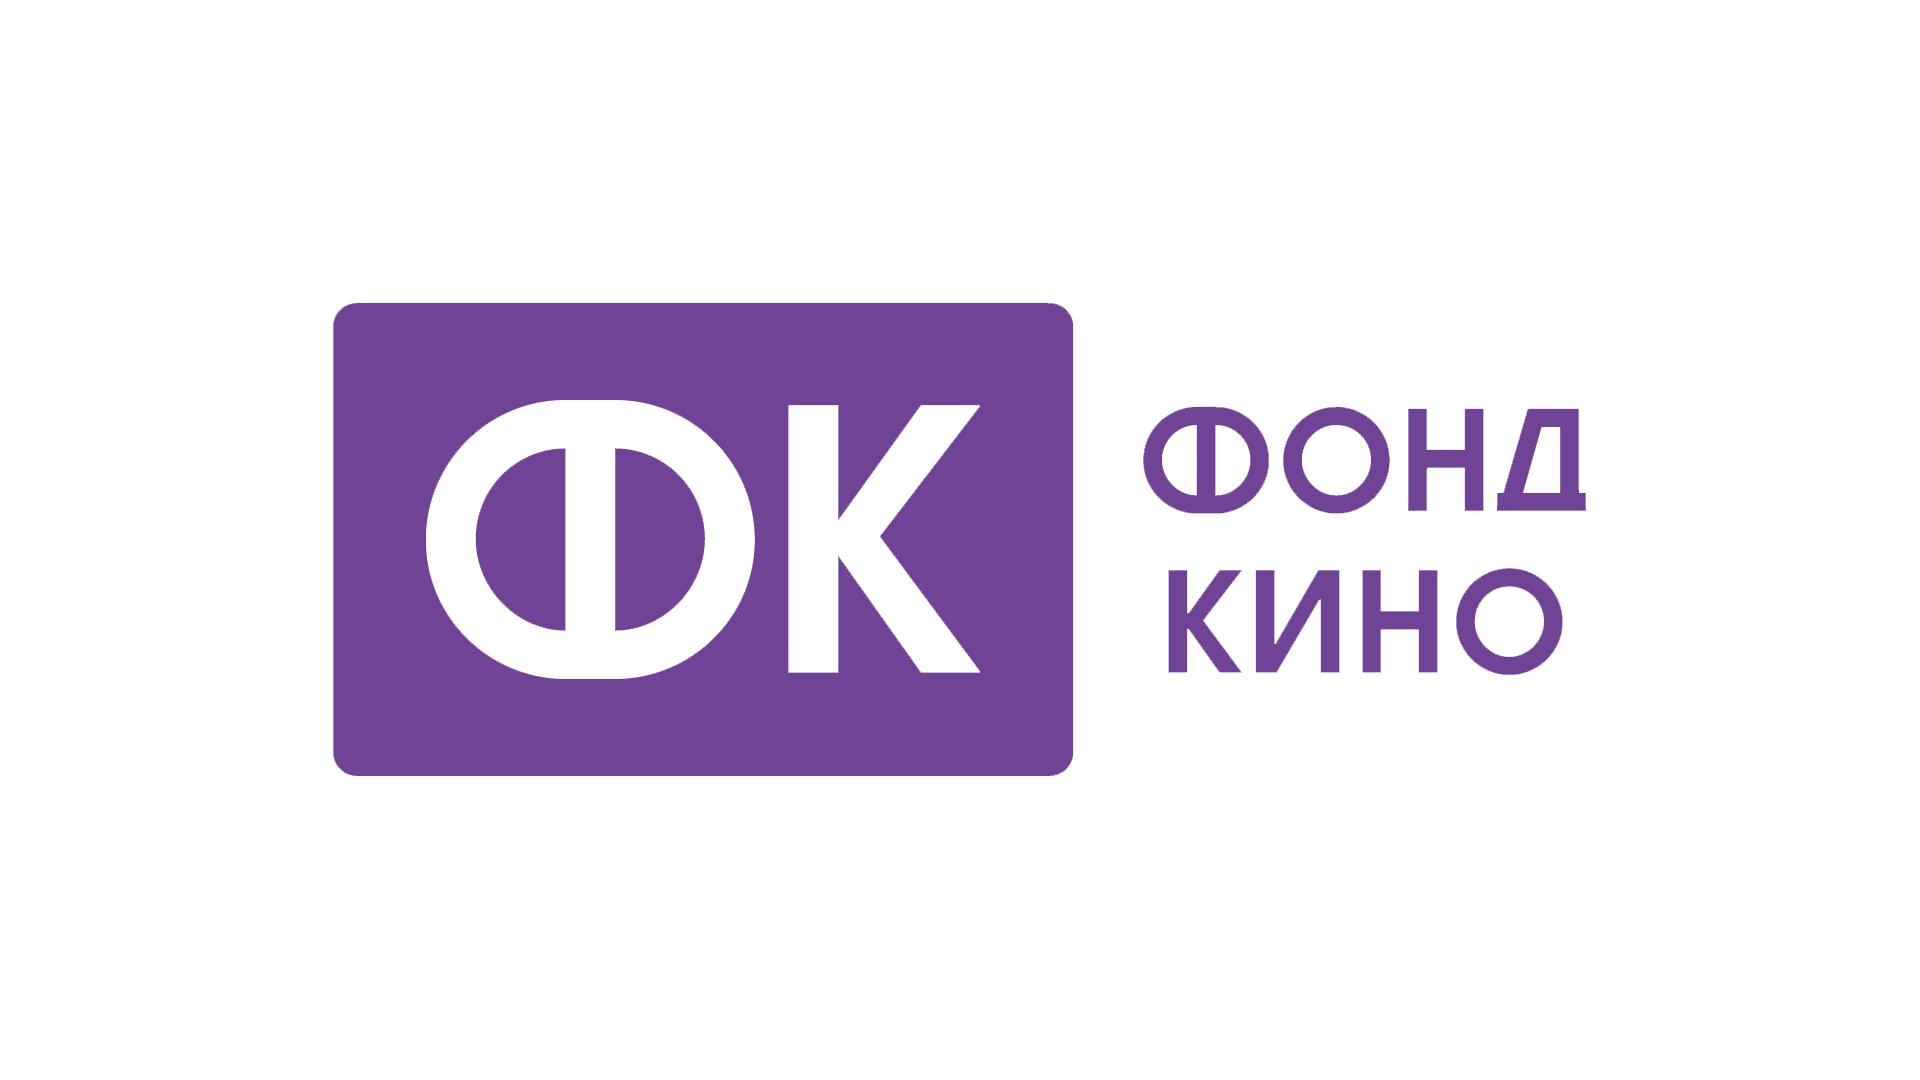 10 ноября 2020 года в МИА «Россия сегодня» состоится очная защита проектов уникальных авторских национальных анимационных фильмов ведущих российских режиссеров-мультипликаторов и фильмов для детской и семейной аудитории